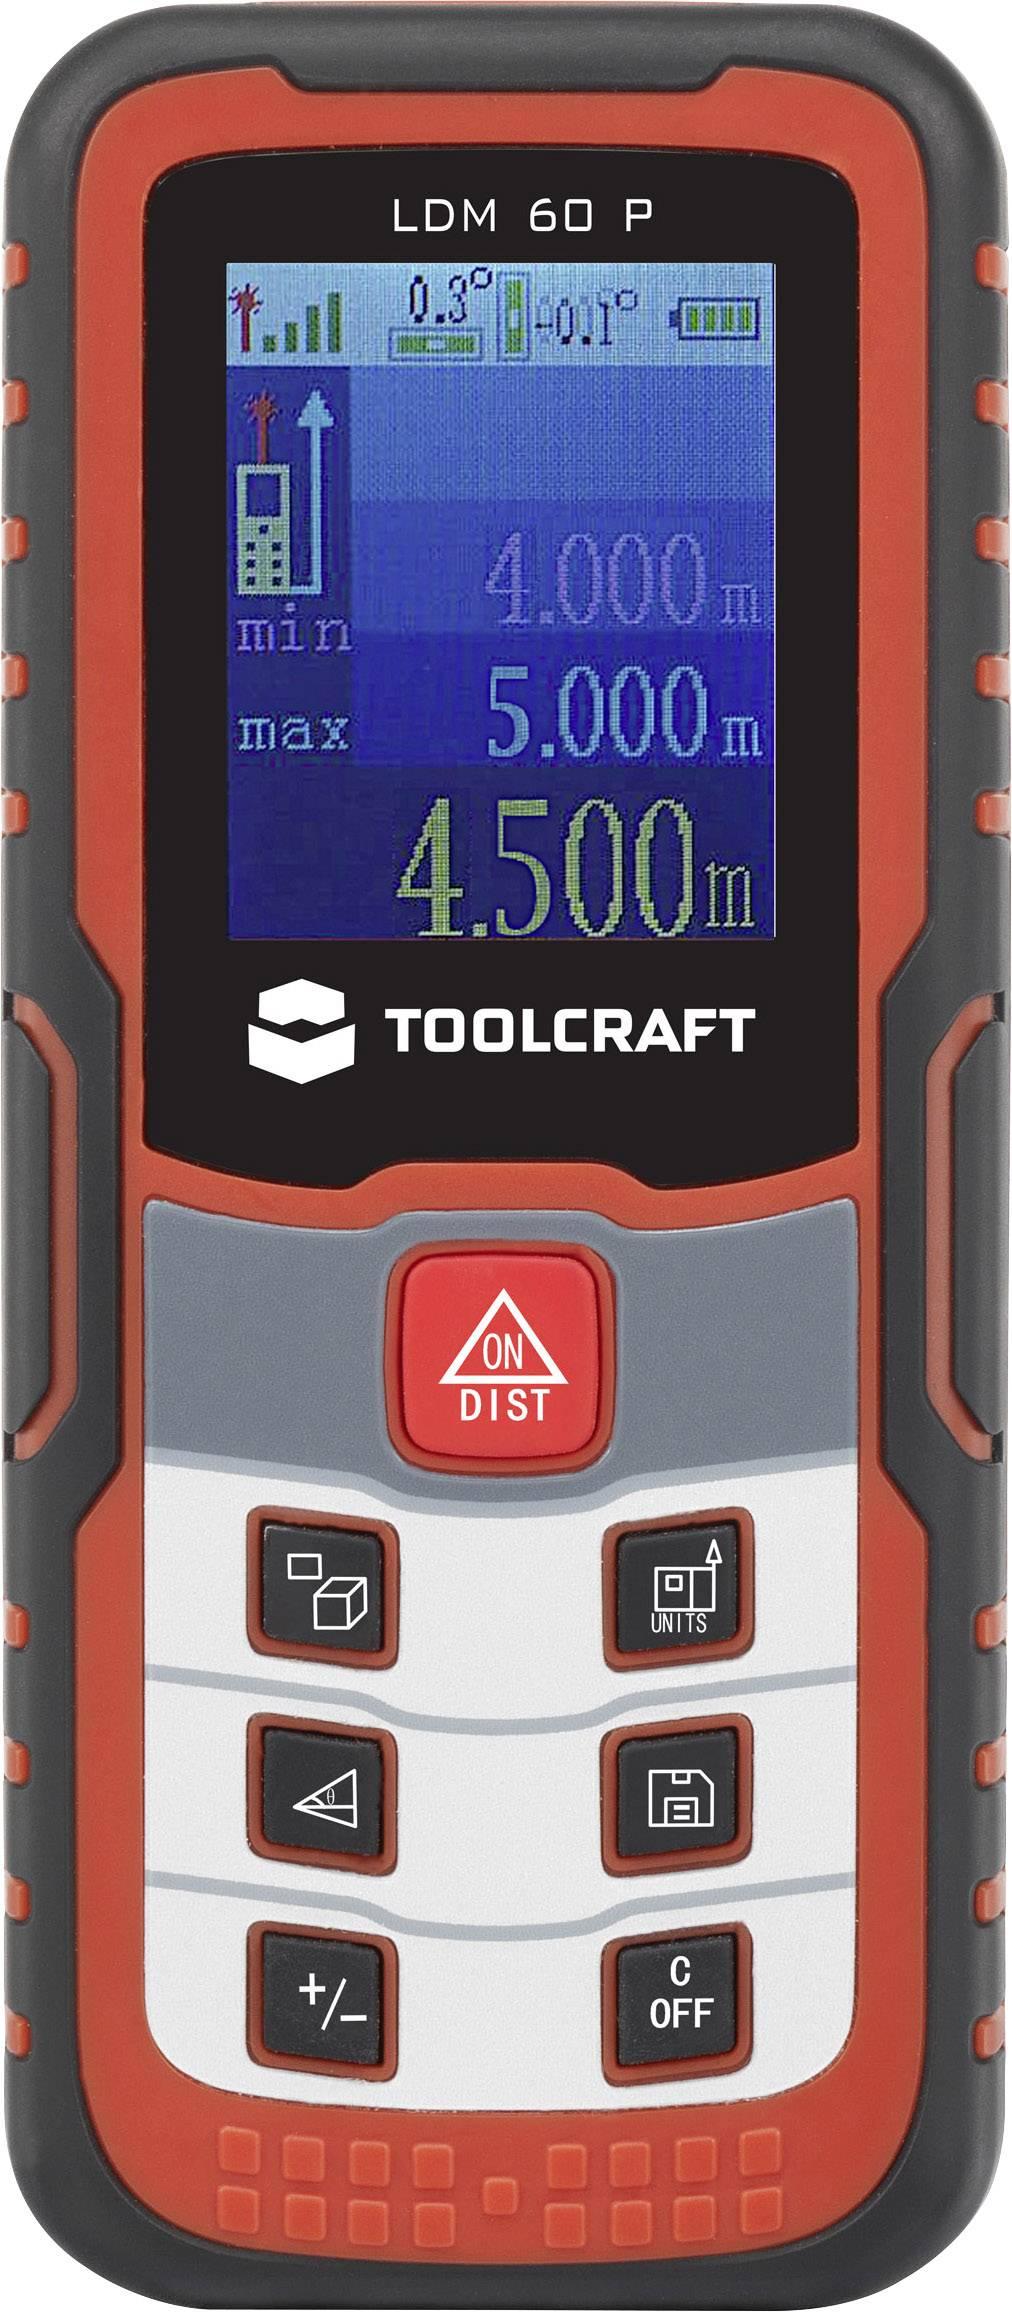 Laserovýdiaľkomer TOOLCRAFT LDM 60 J 1400305, max. rozsah 60 m